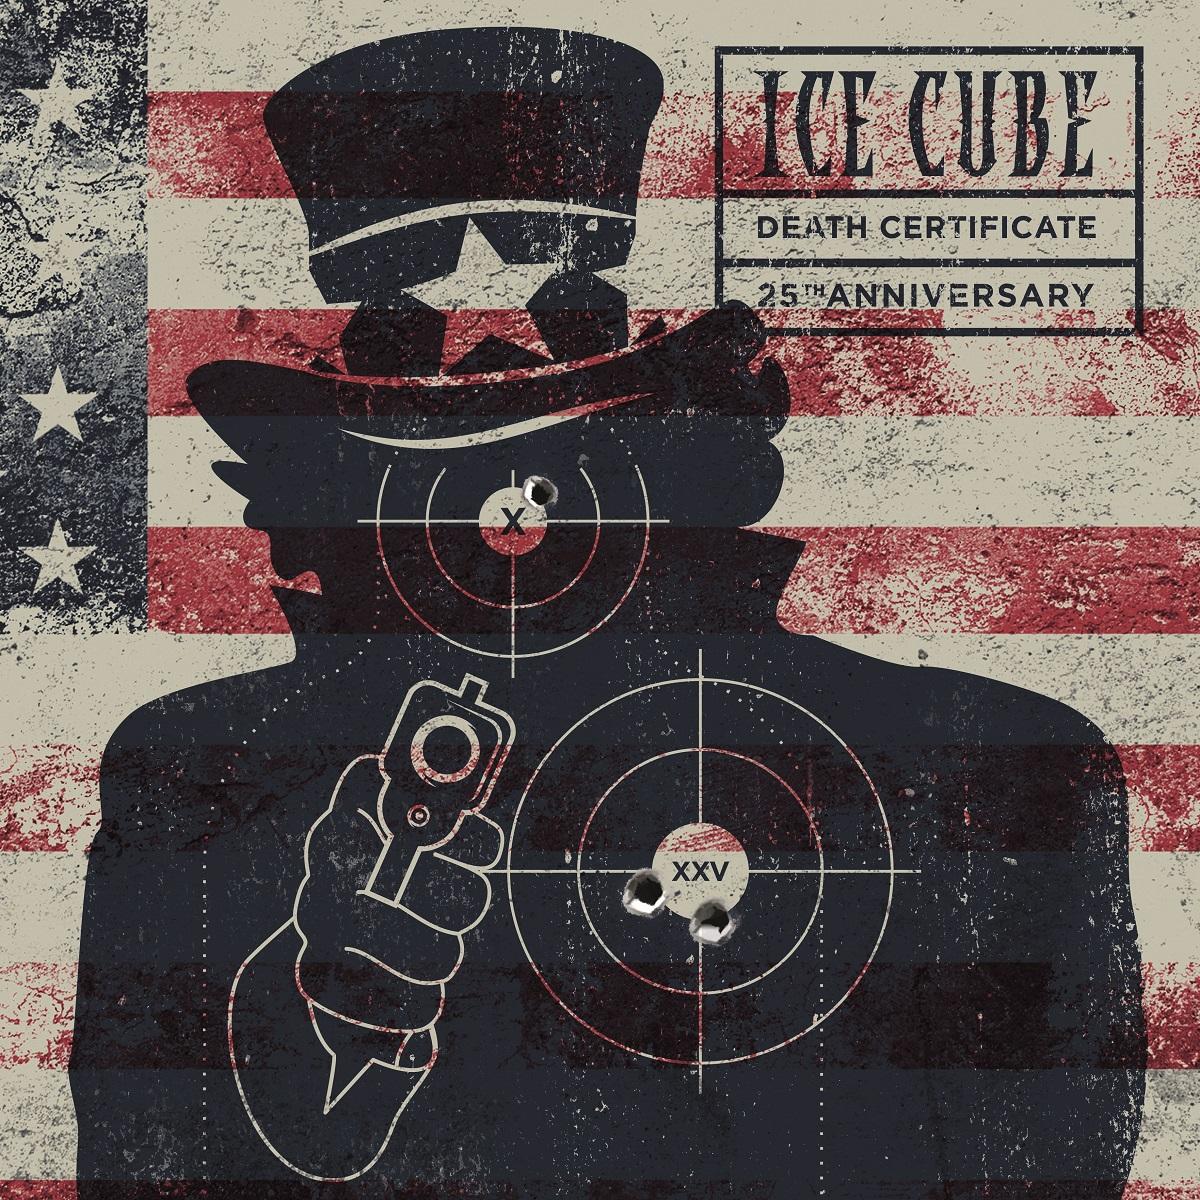 Ice Cube Death Cerfiticate art